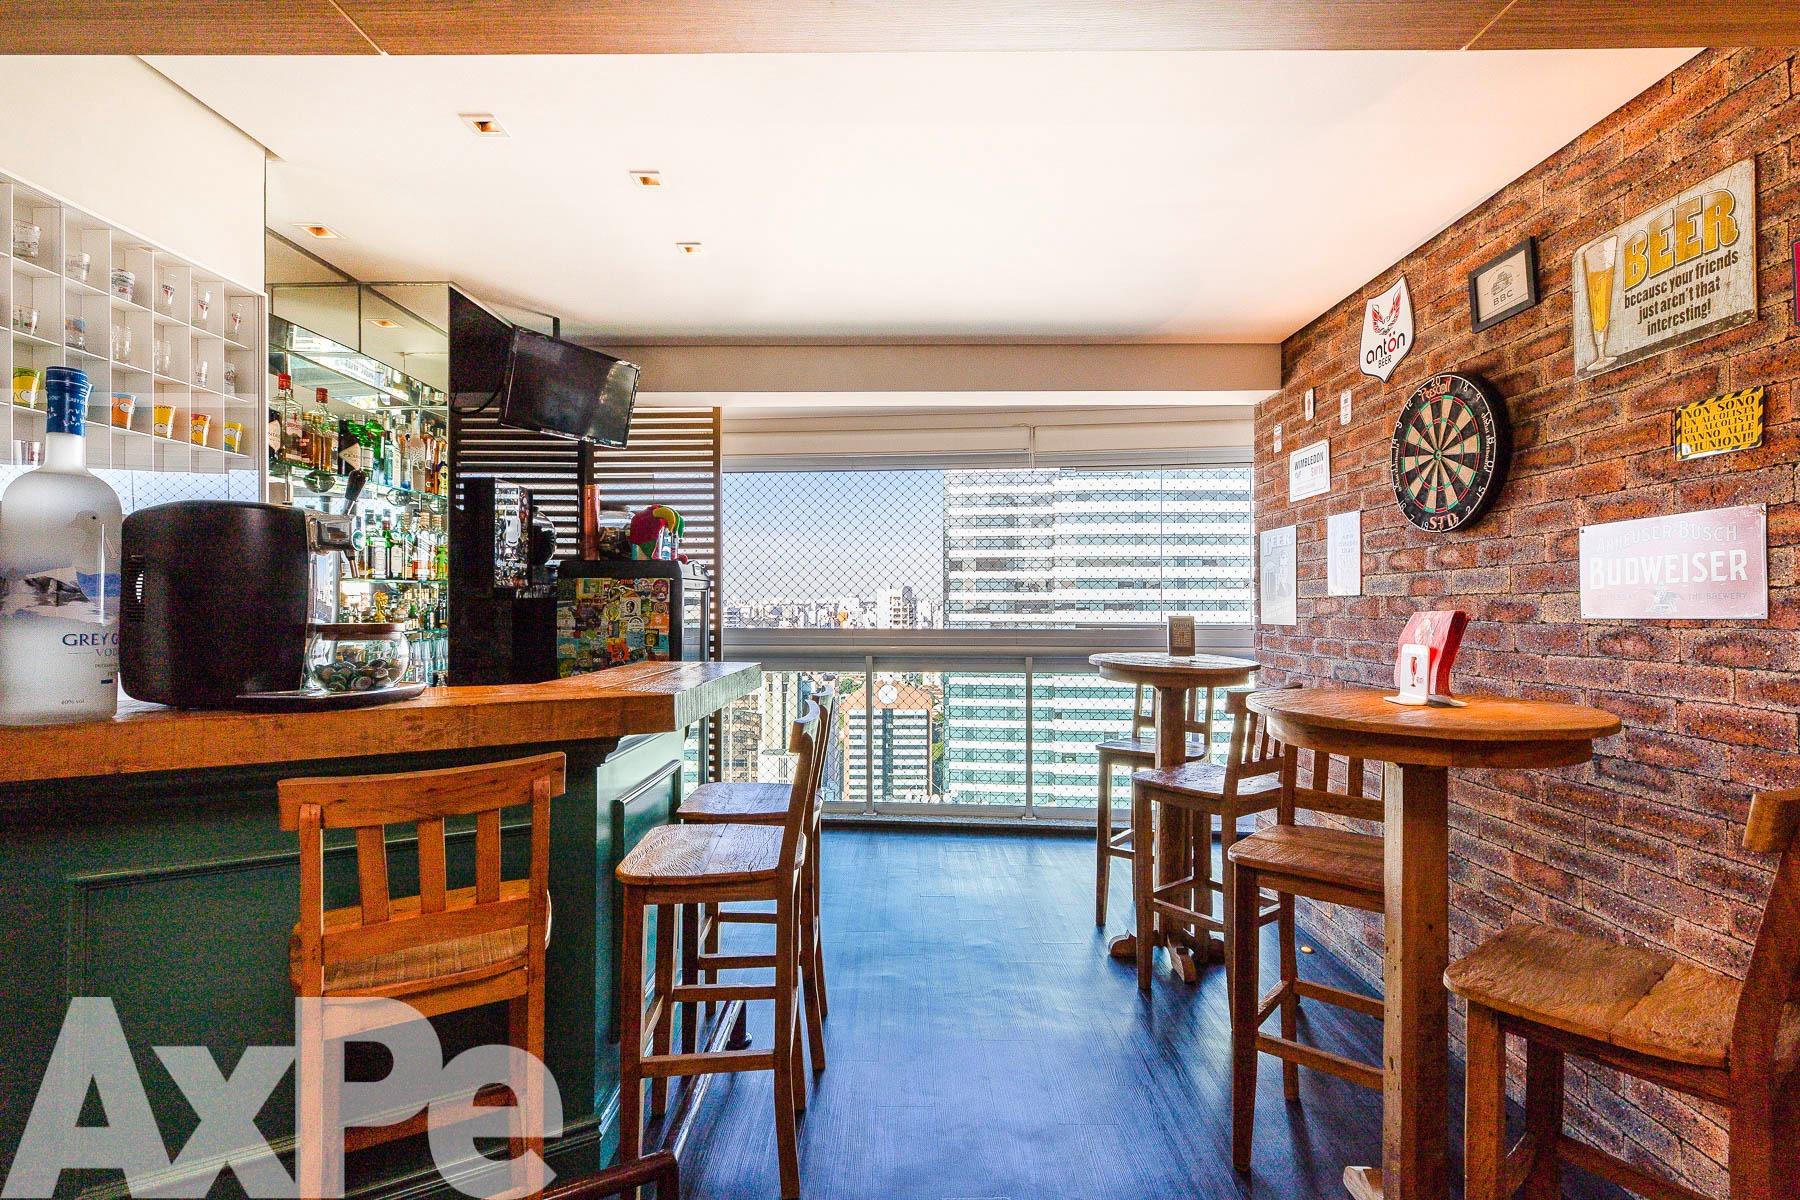 Axpe Apartamento - AX146407